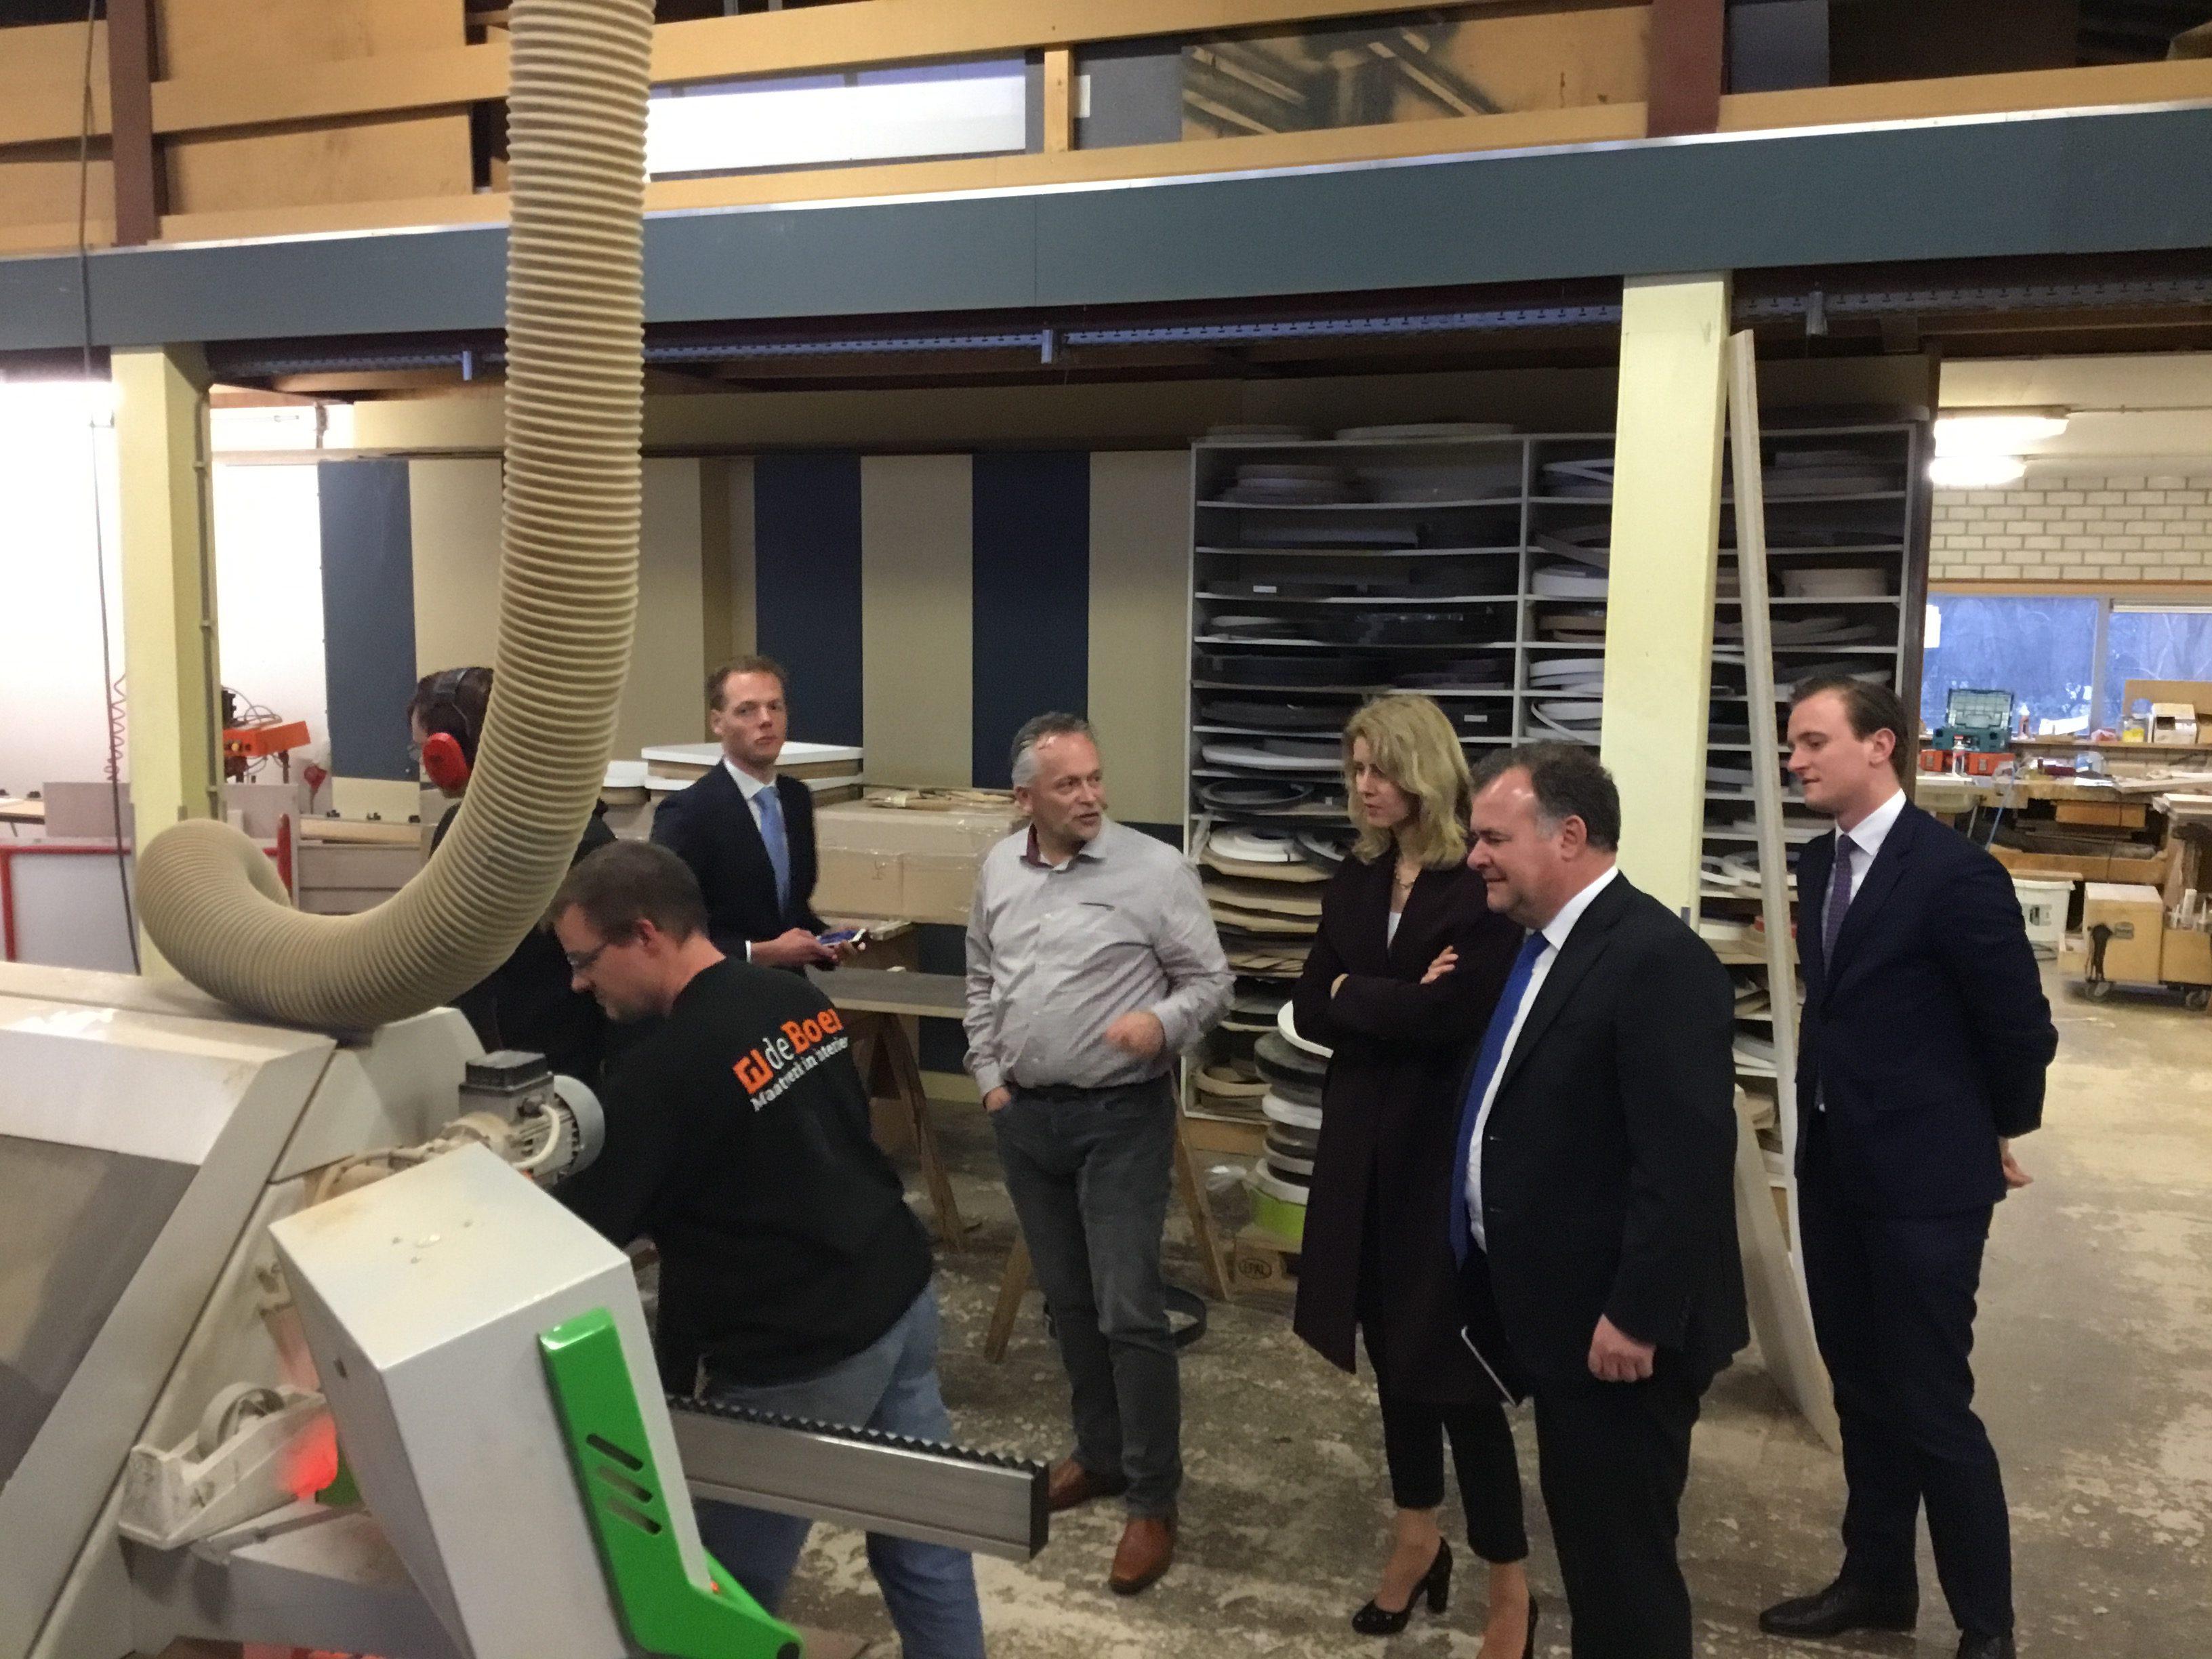 op maandag 15 januari 2018 kreeg de boer maatwerk in interieur bezoek van mona keijzer de staatssecretaris van economische zaken en klimaat